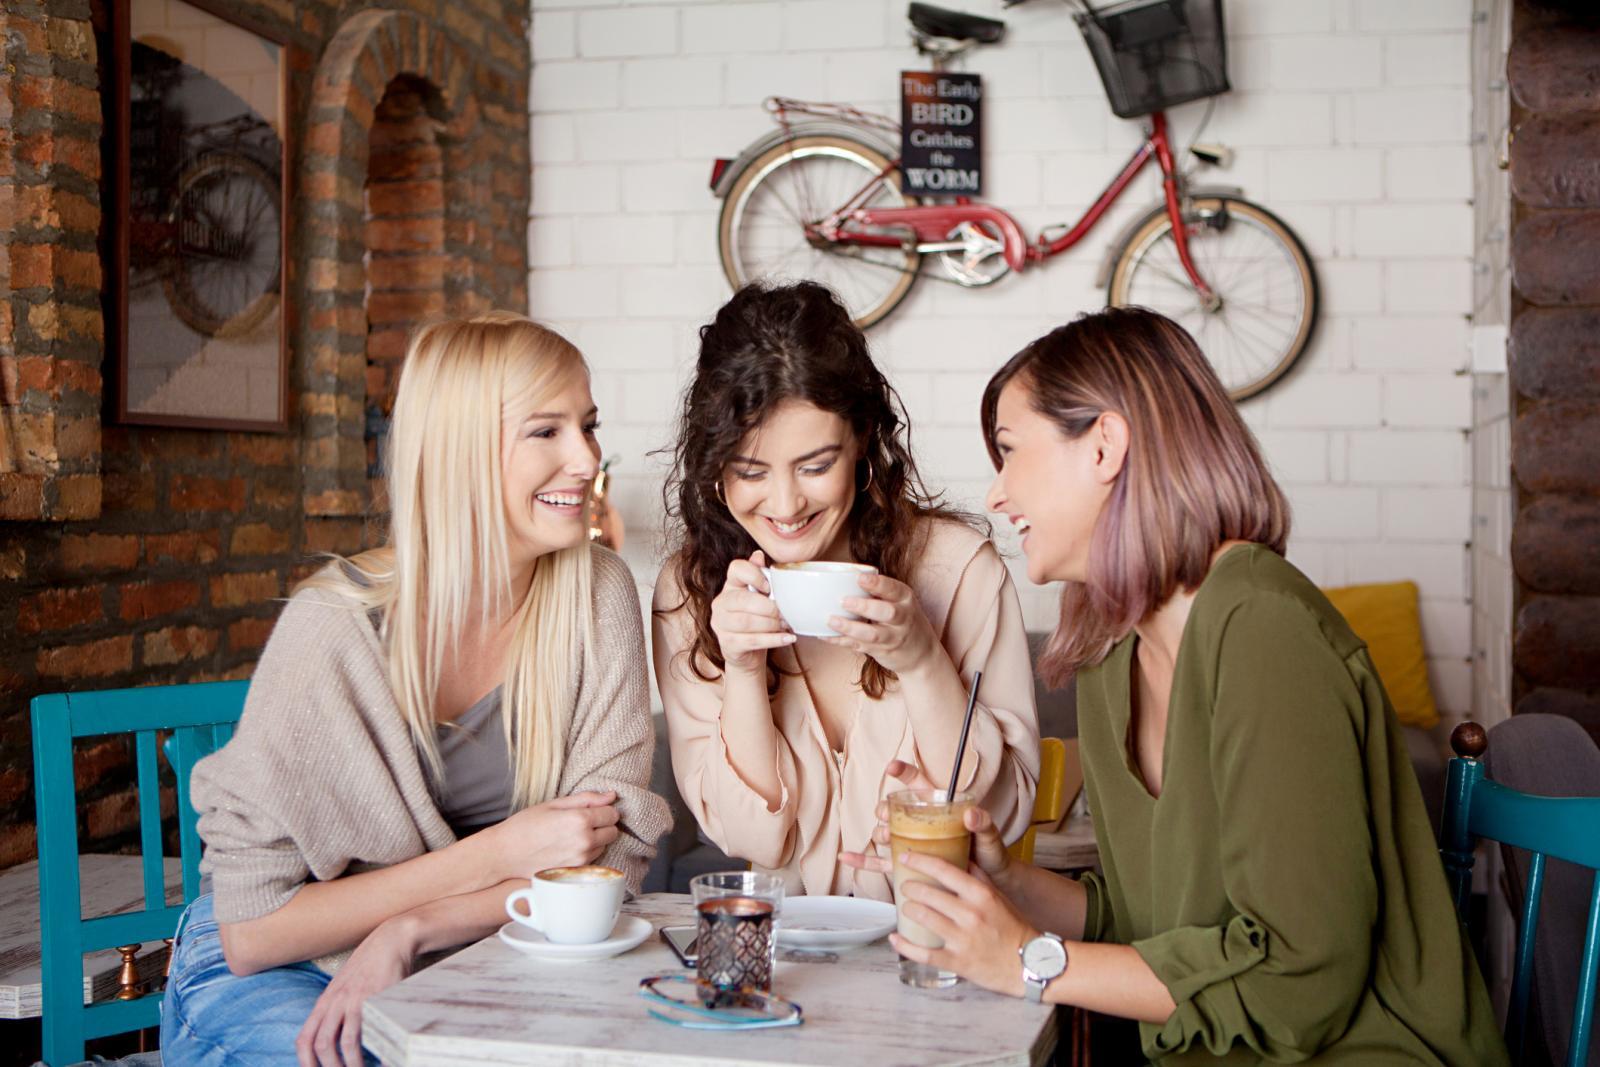 Ne bi li bilo divno uživati u dobrom društvu i kavici, dok netko drugi obavlja posao za vas...